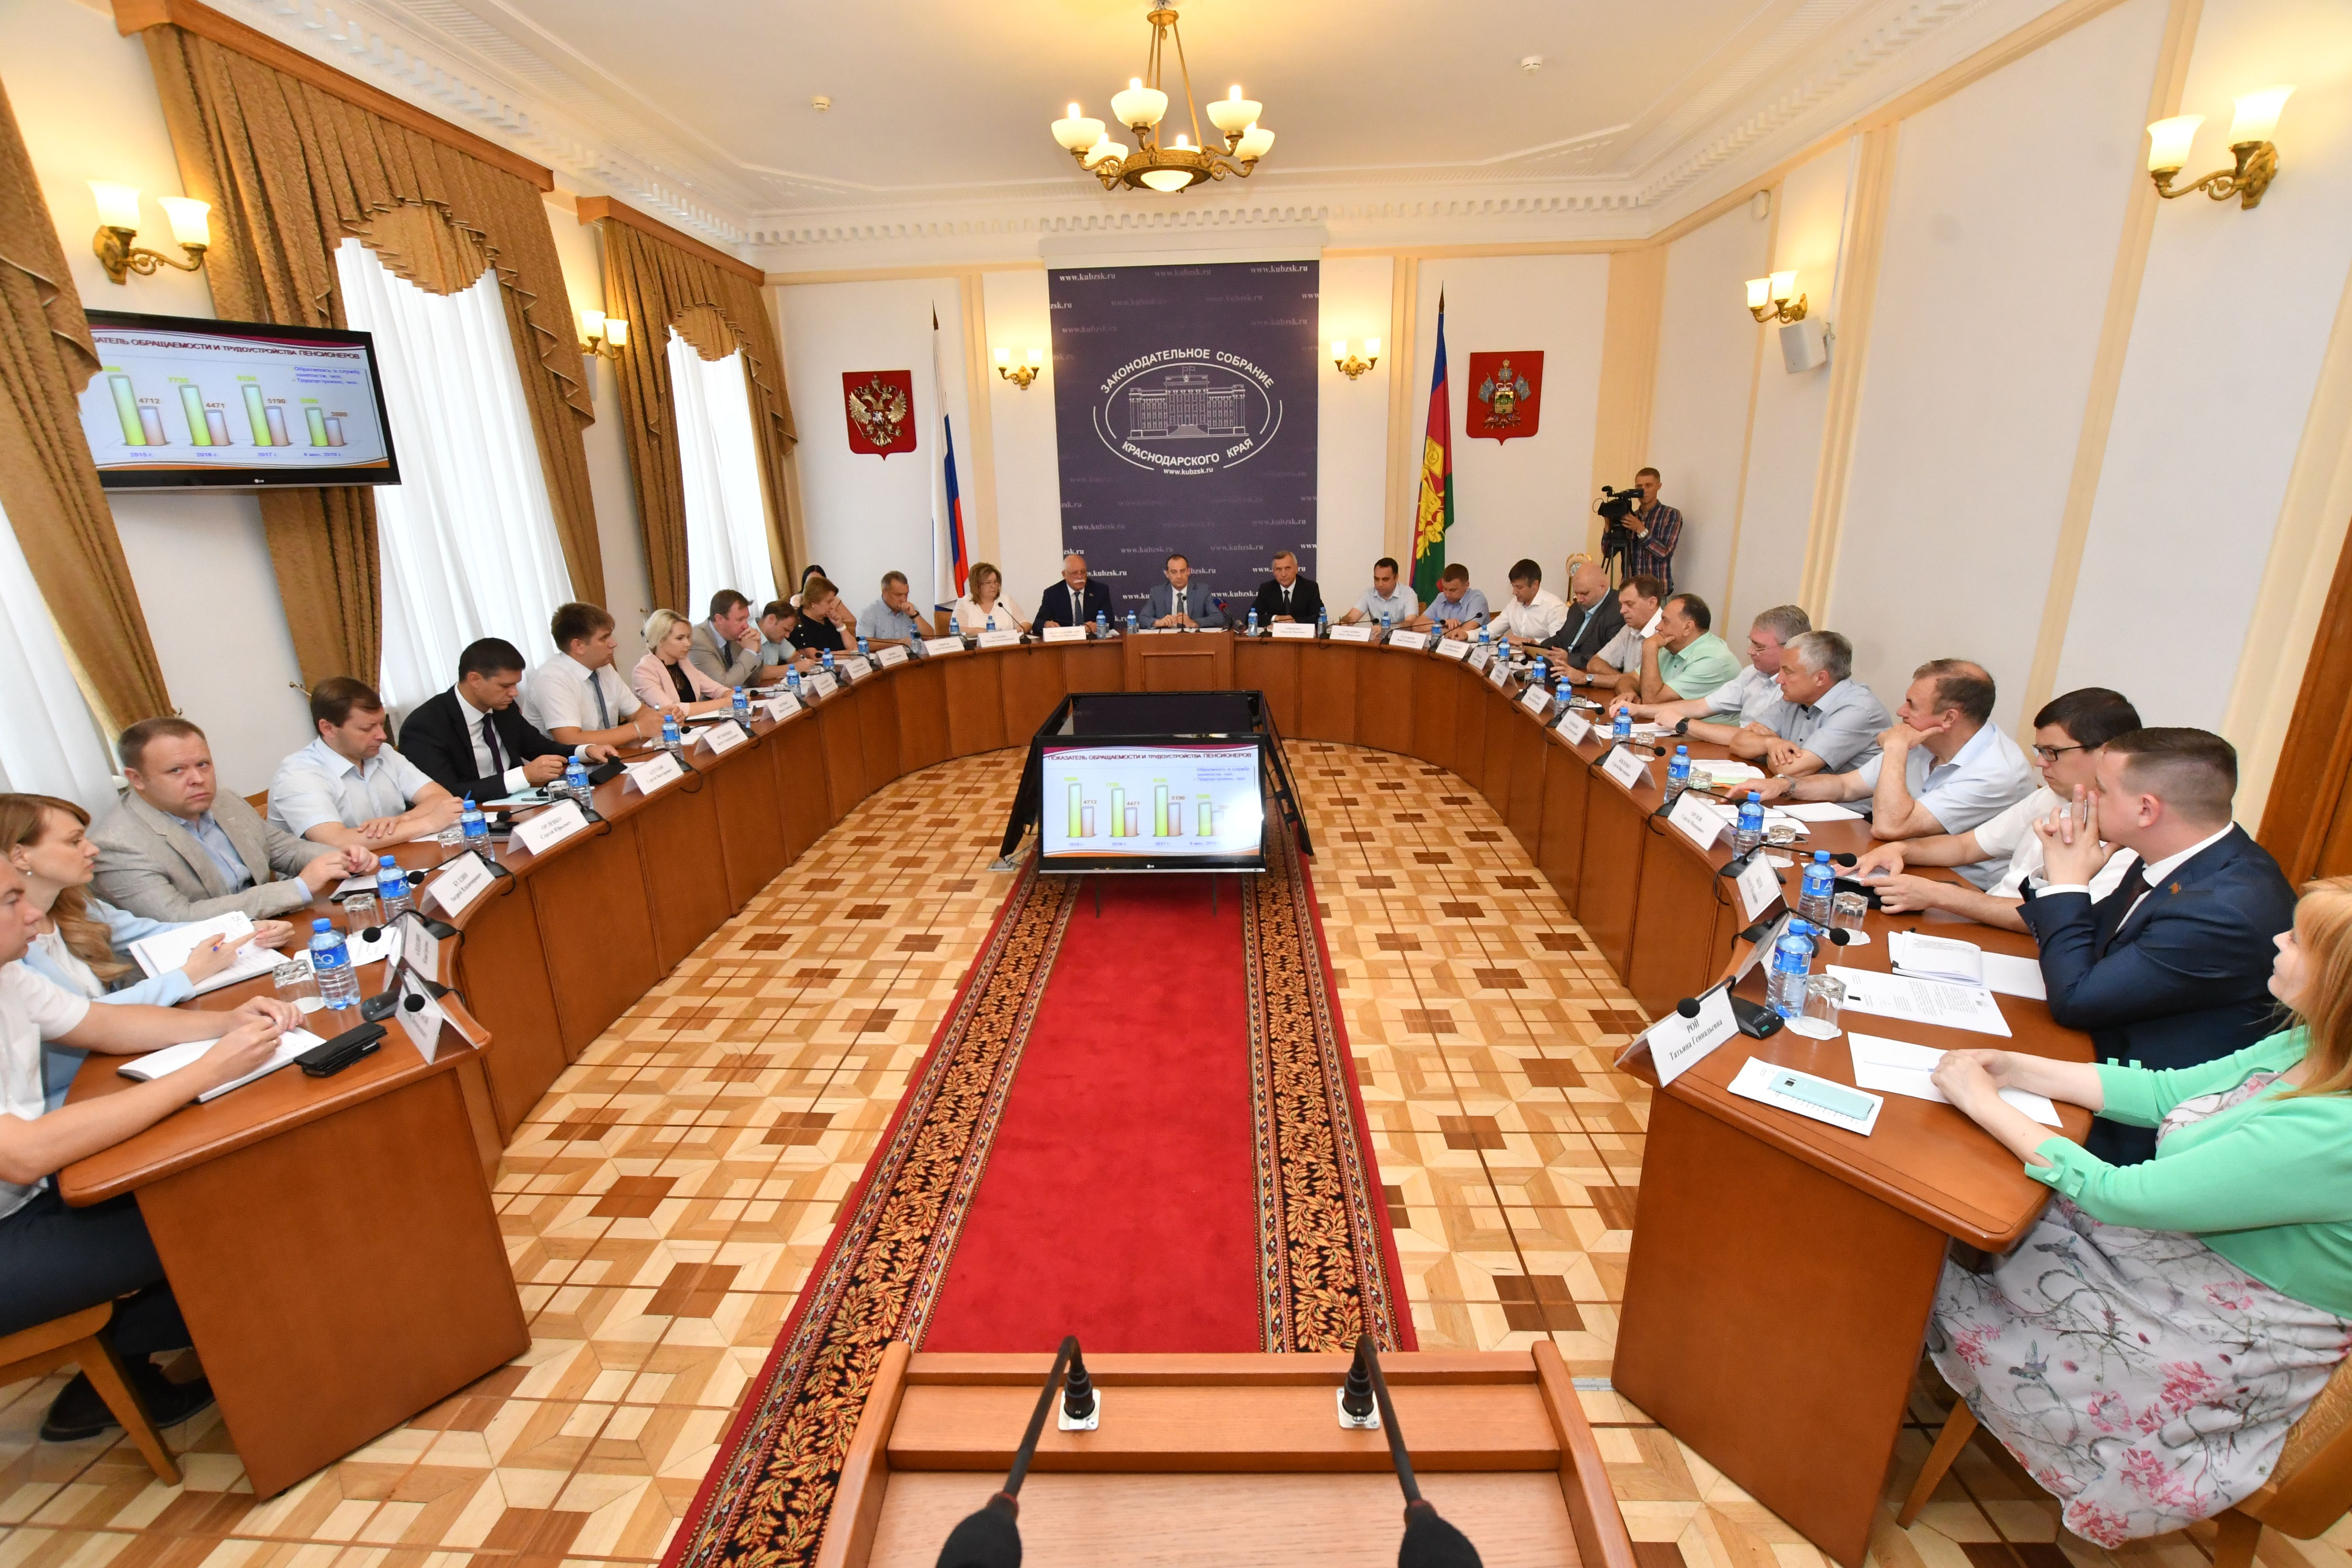 Законодатели Кубани поддержали законодательный проект оповышении пенсионного возраста